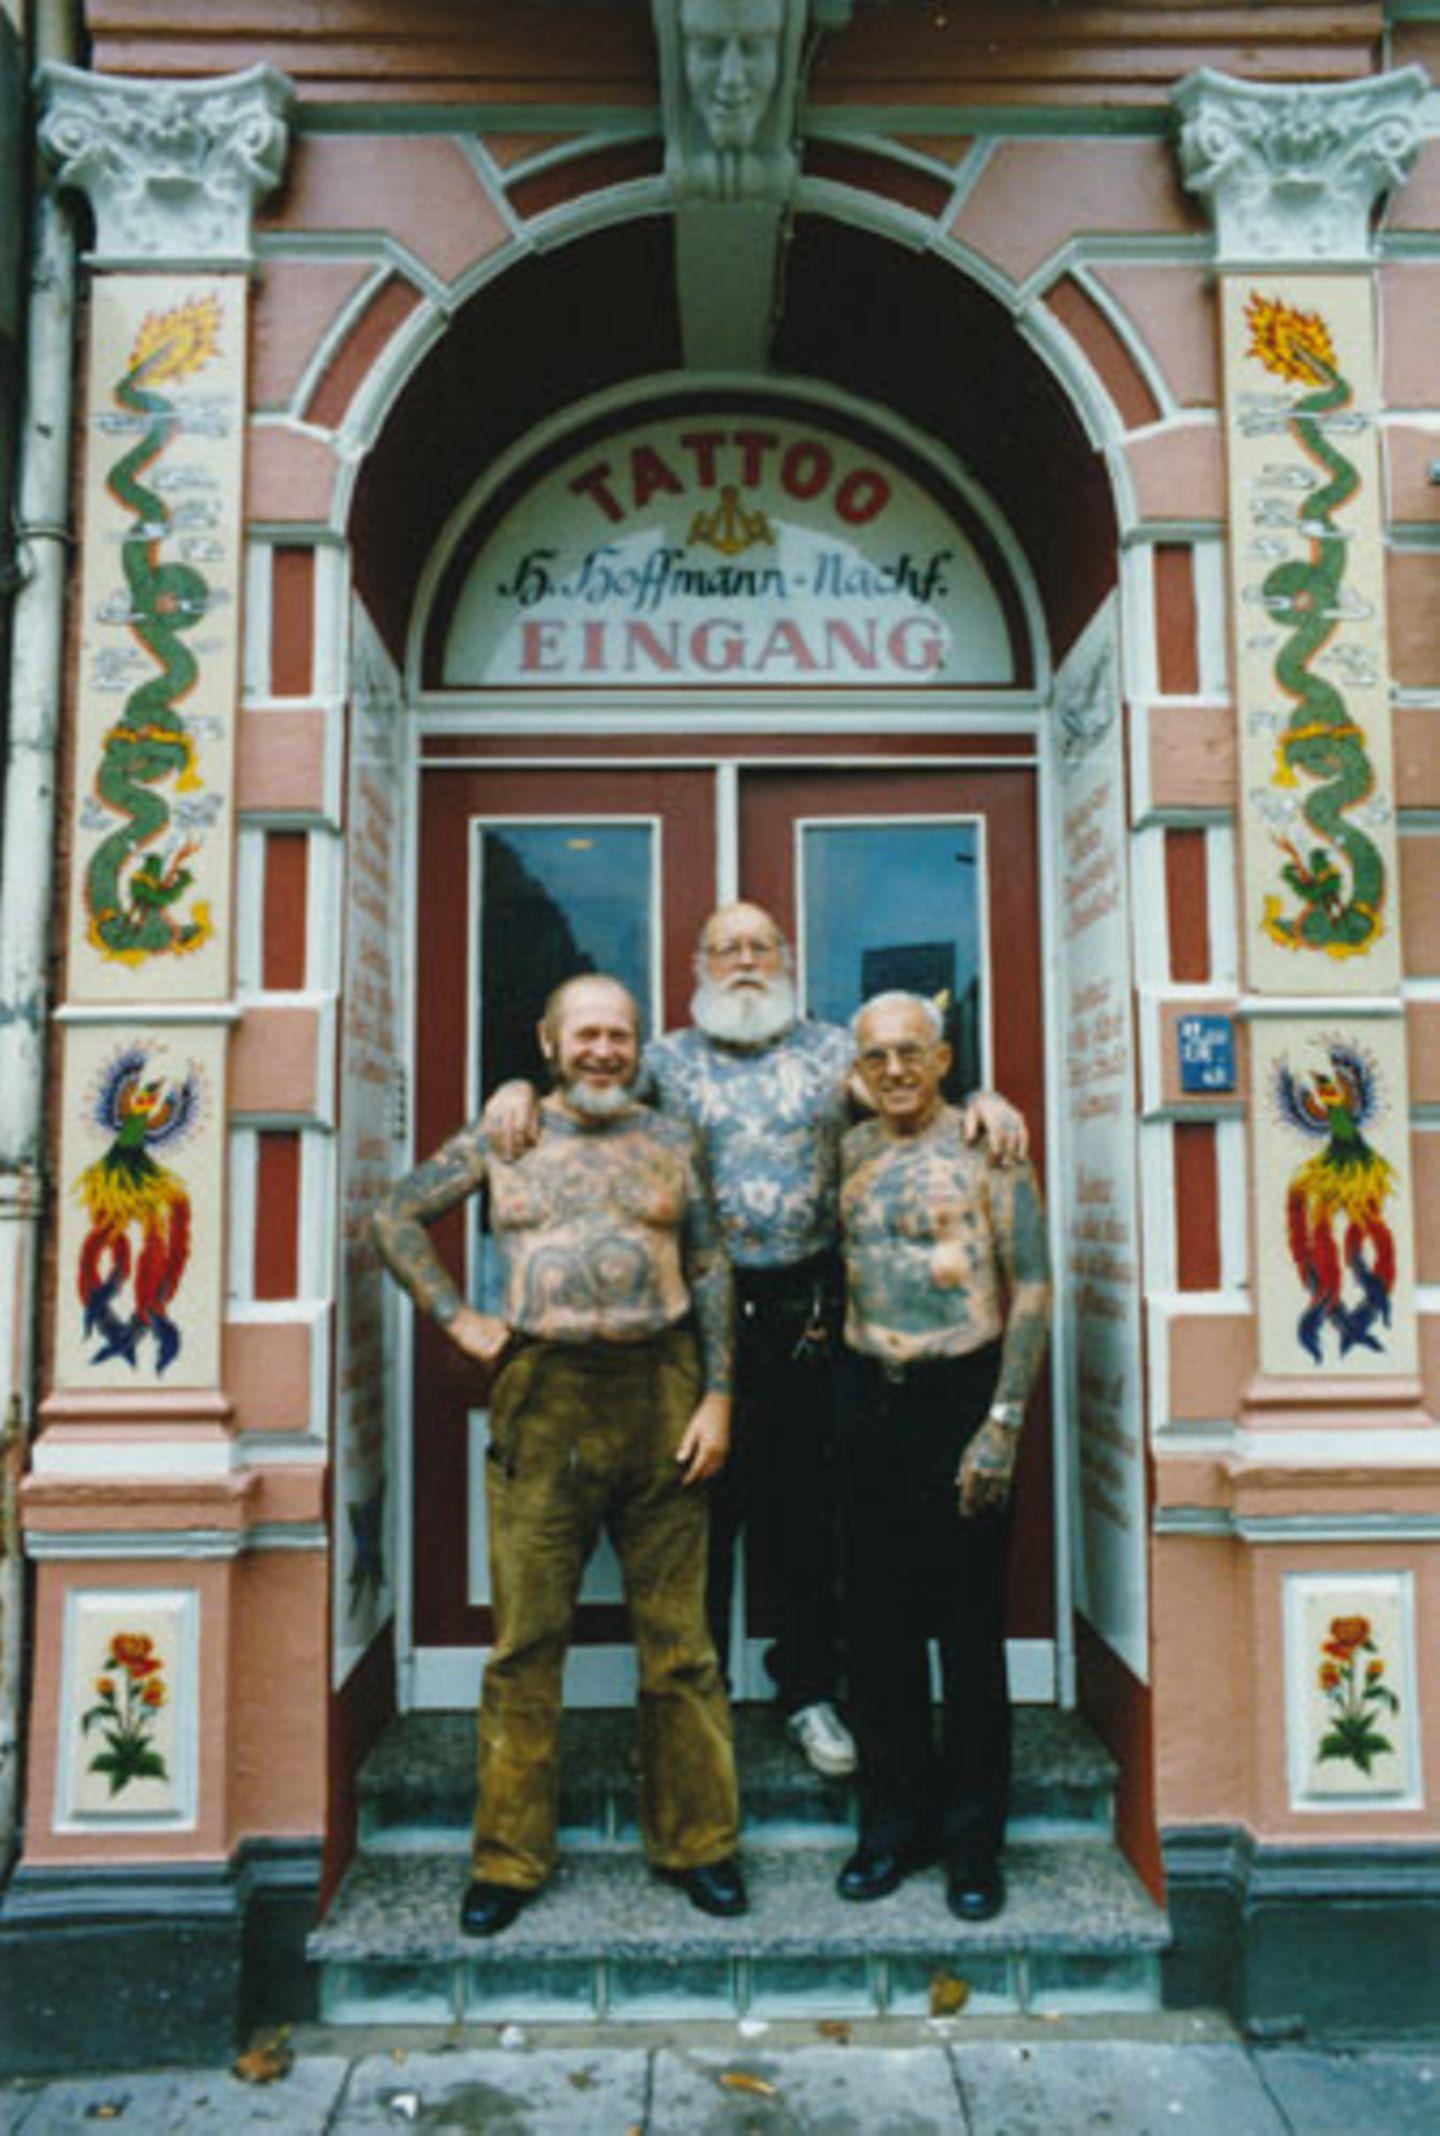 Die Tattoo-Legenden Herbert Hoffmann, Karlmann Richter und Albert Cornelissen in der ältesten Tätowierstube Deutschlands im Hamburger Stadtteil St. Pauli